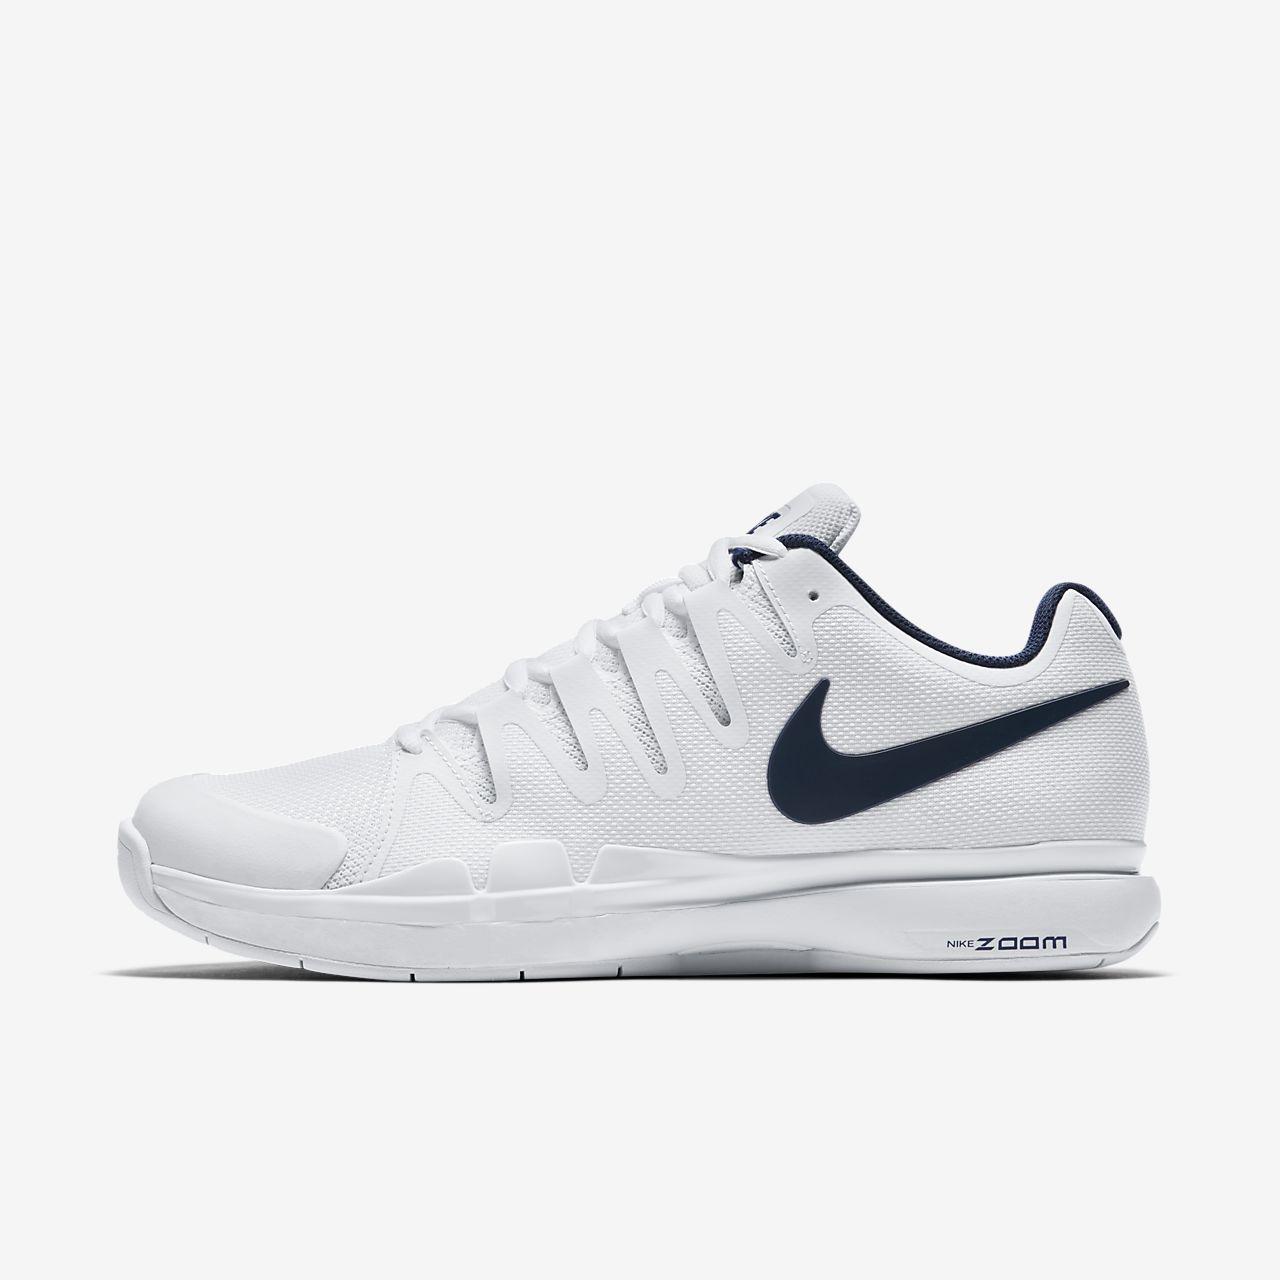 chaussures de tennis nike zoom vapor 9 tour